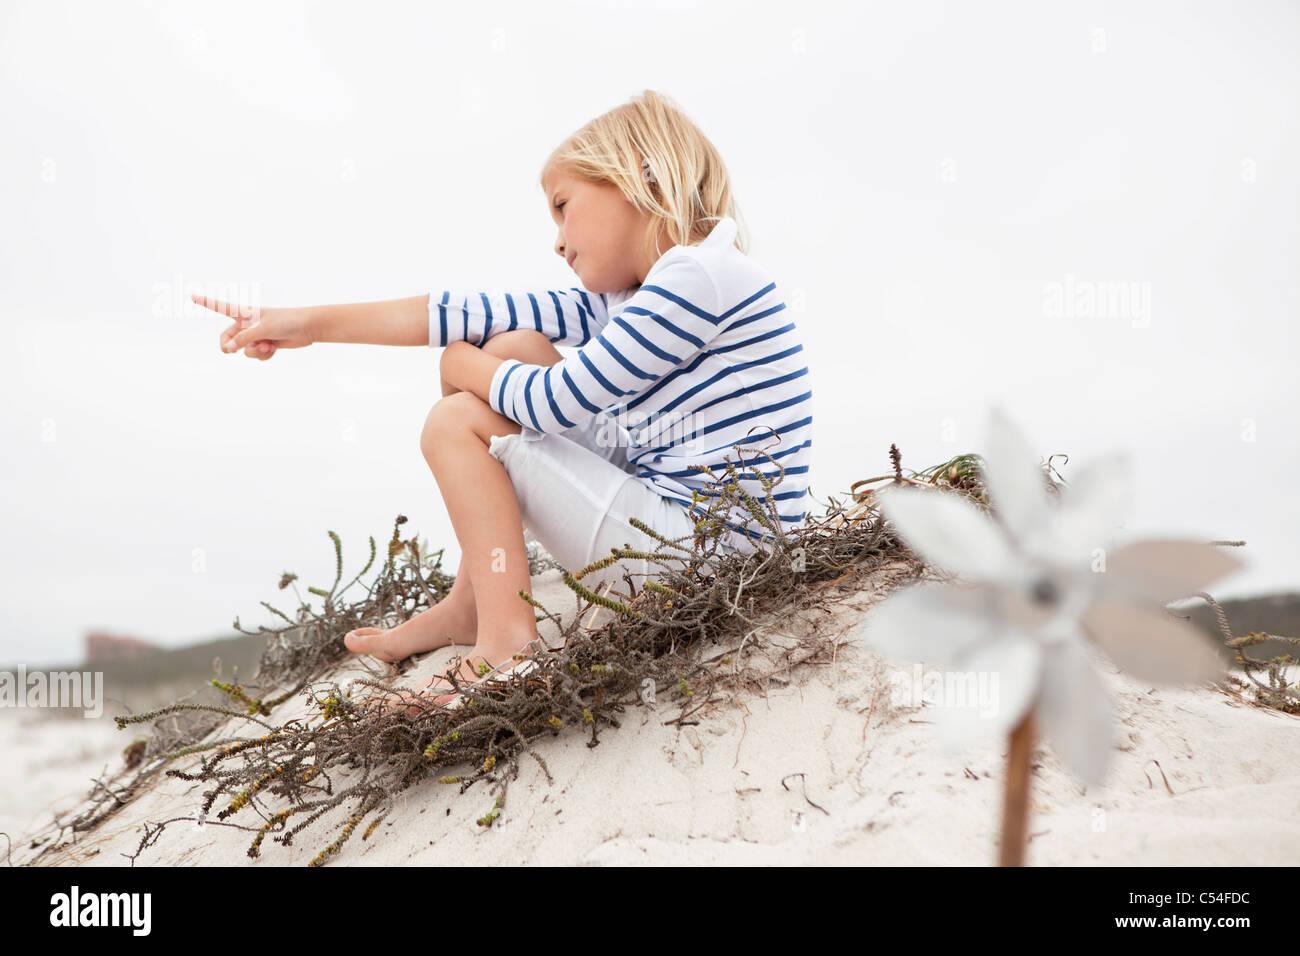 Messa a fuoco selettiva di una ragazza seduta sulla sabbia Immagini Stock